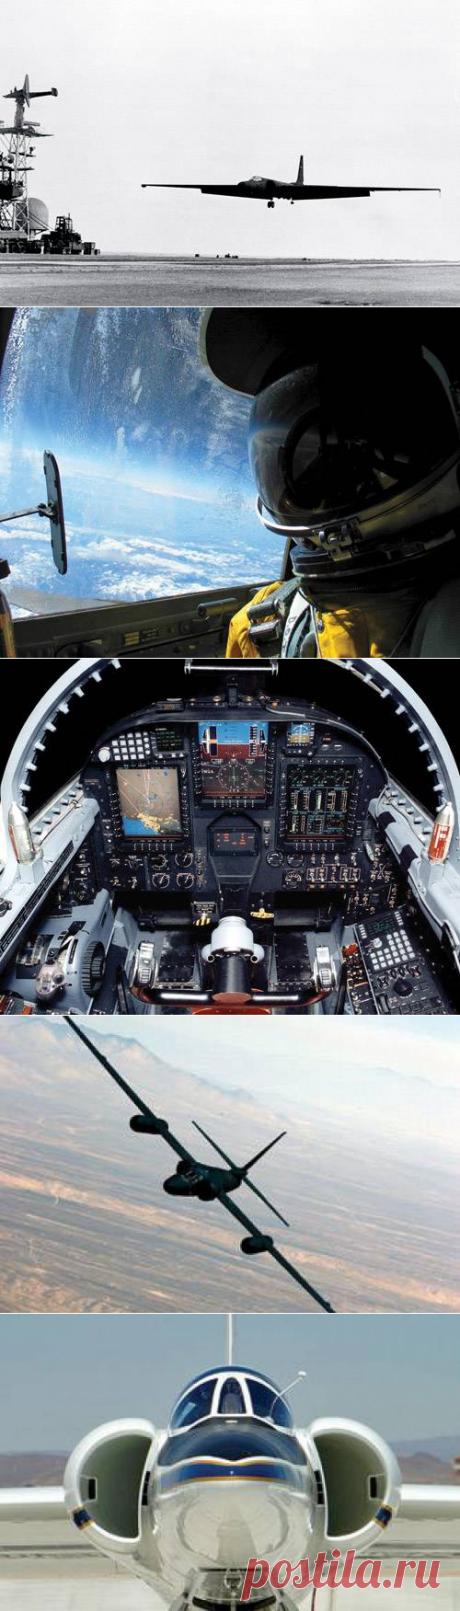 Легкокрылая леди-дракон: Легендарный самолет-шпион — Популярная механика